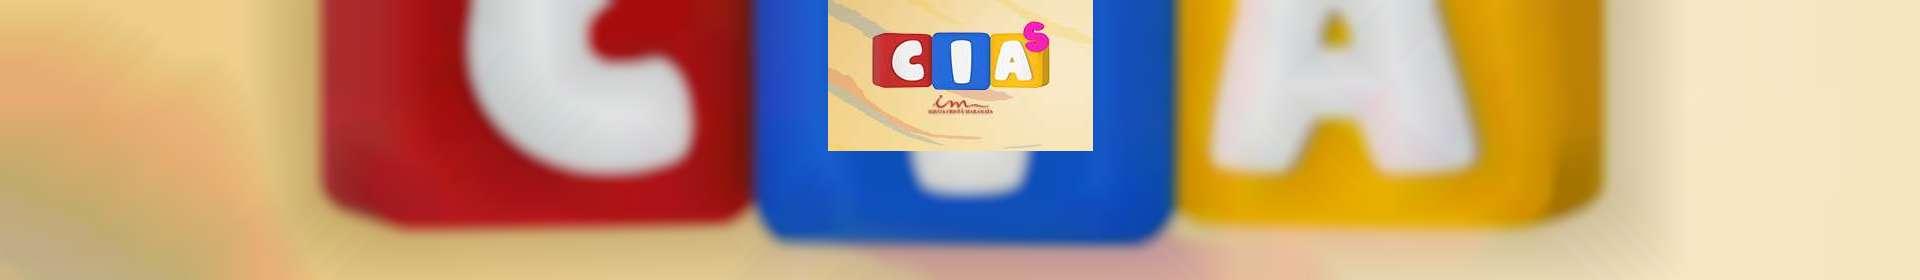 Aula de CIAS: classe de 07 a 11 anos - 25 de junho de 2020